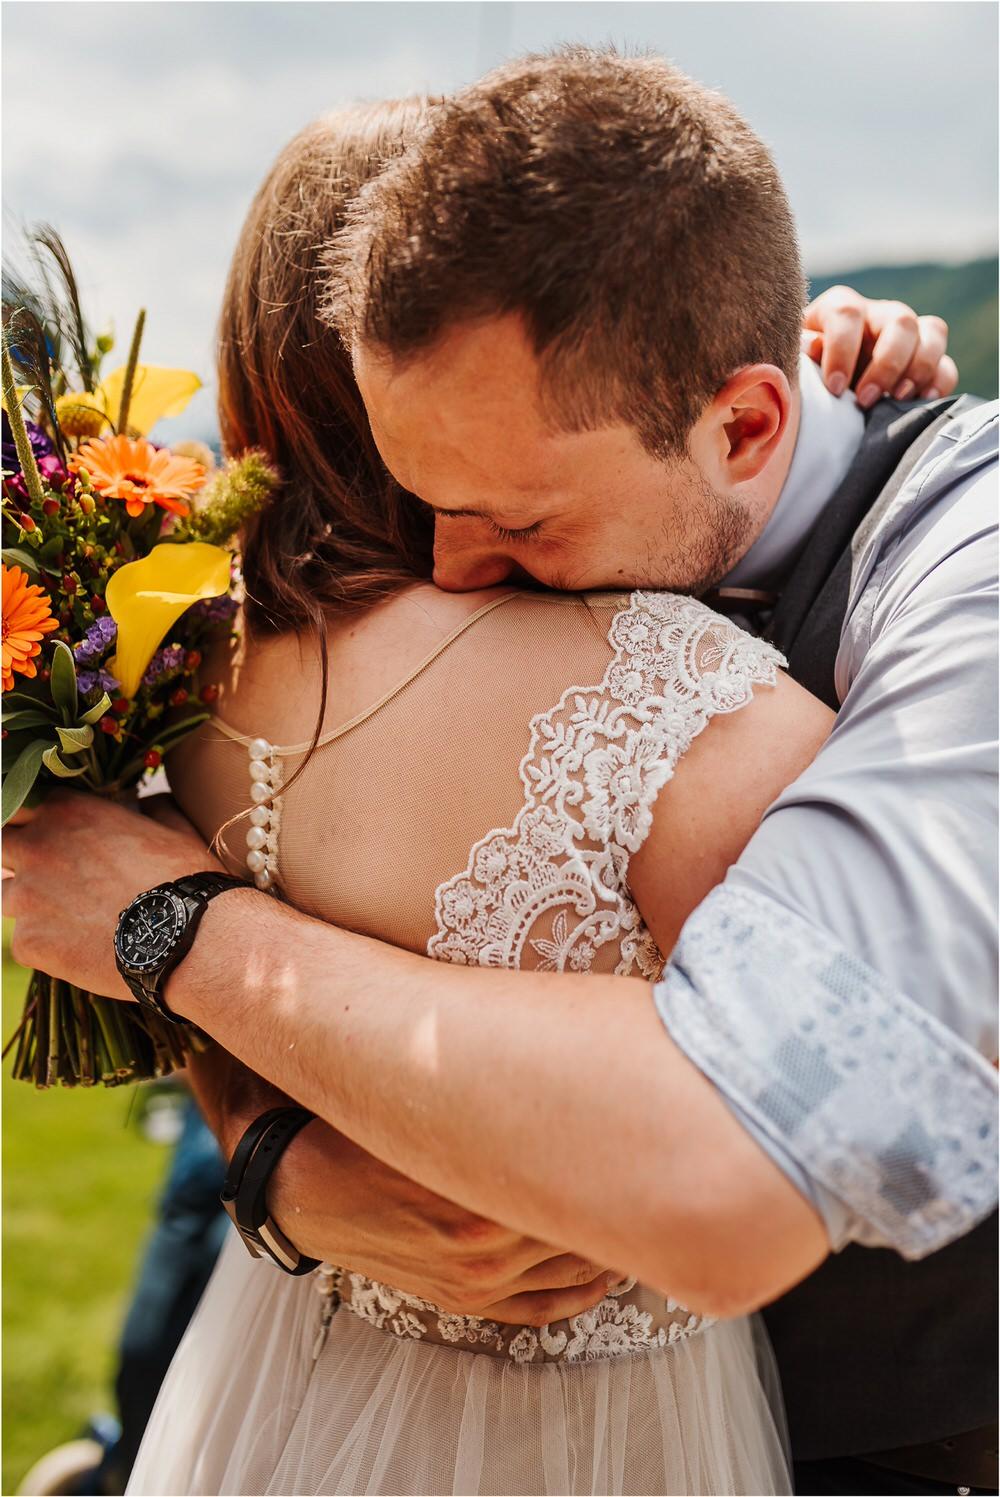 goriska brda poroka fotgorafija fotograf fotografiranje porocno kras primorska obala romanticna boho poroka rustikalna nika grega 0020.jpg